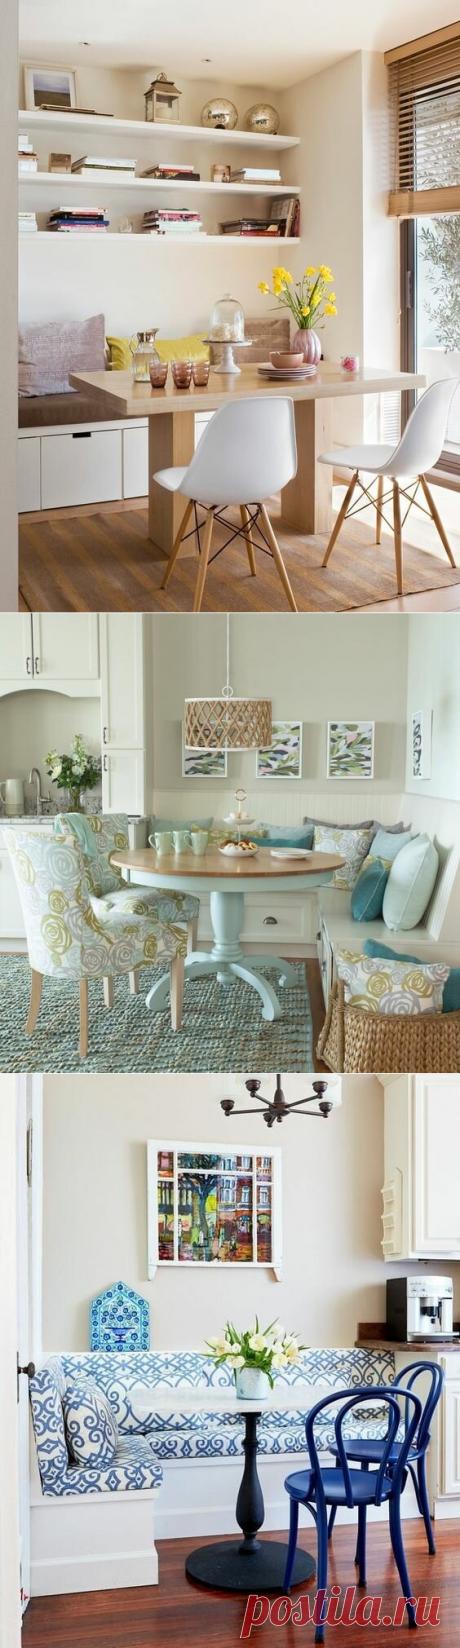 На кухне диван с ящиками - это удобно и место для хранения есть | Дизайнер интерьера & Любитель | Яндекс Дзен